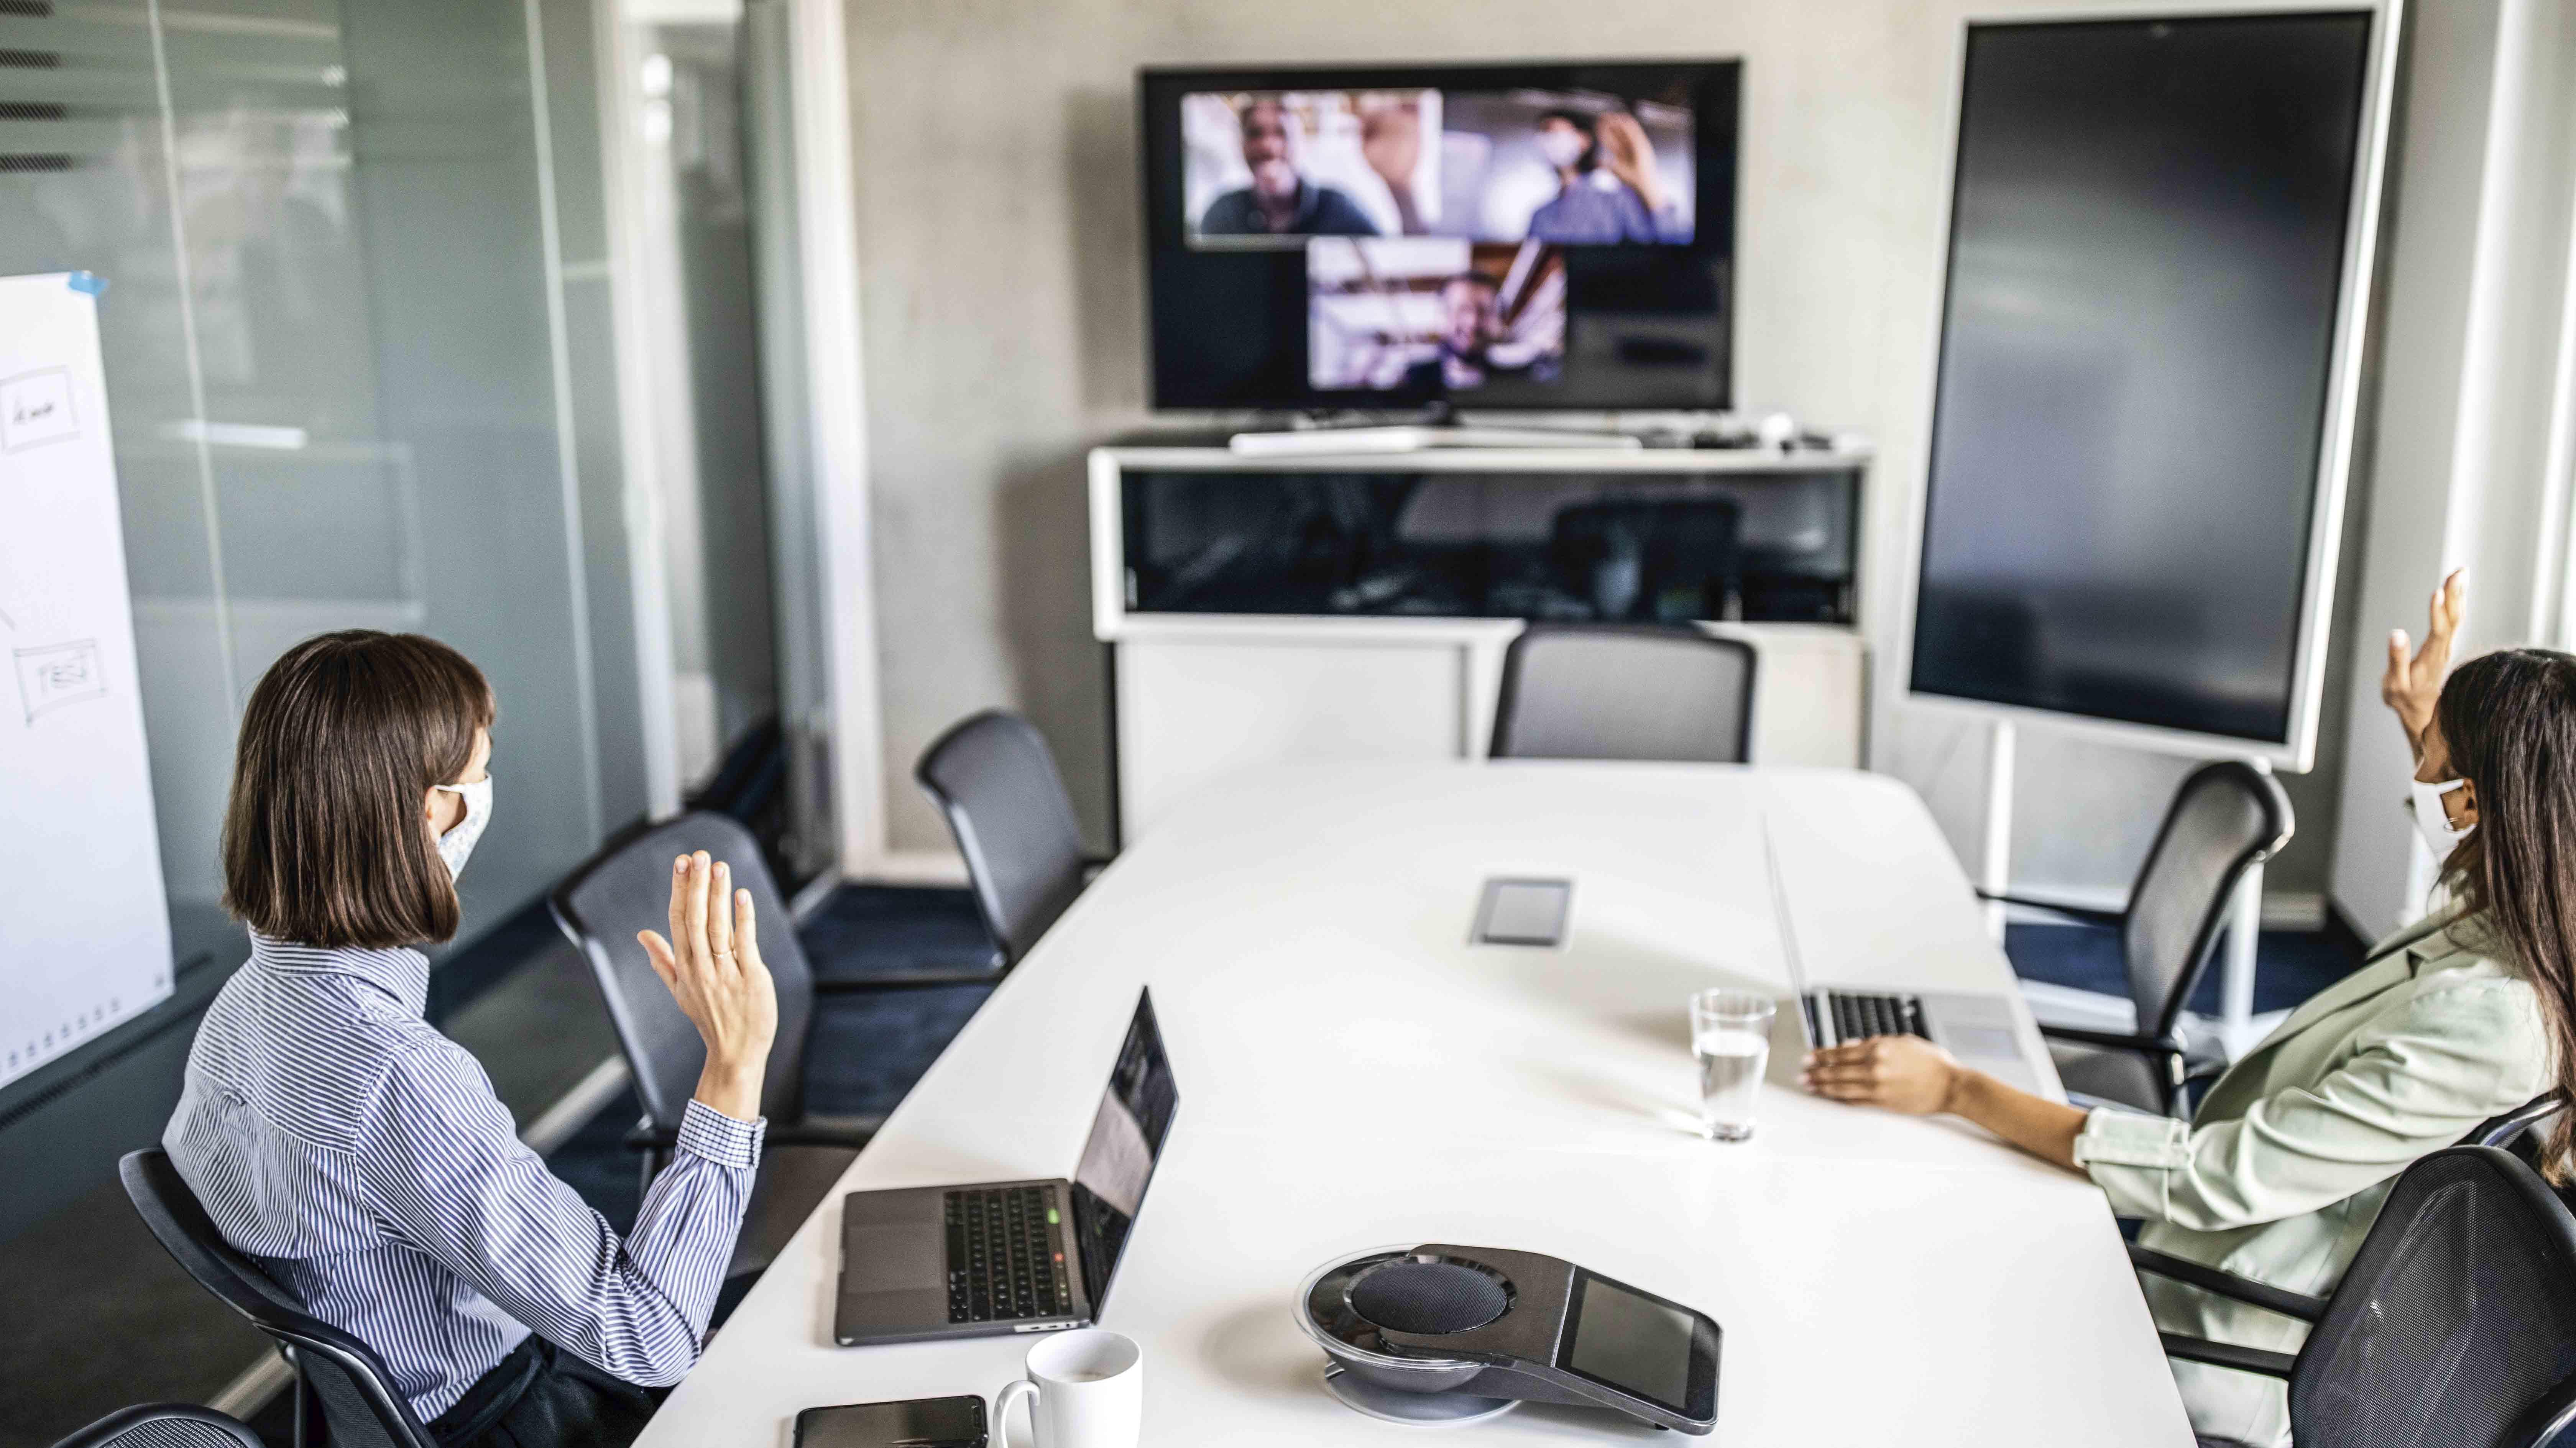 Trabajo híbrido: empresas refuerzan engagement y comunicación entre líderes y trabajadores